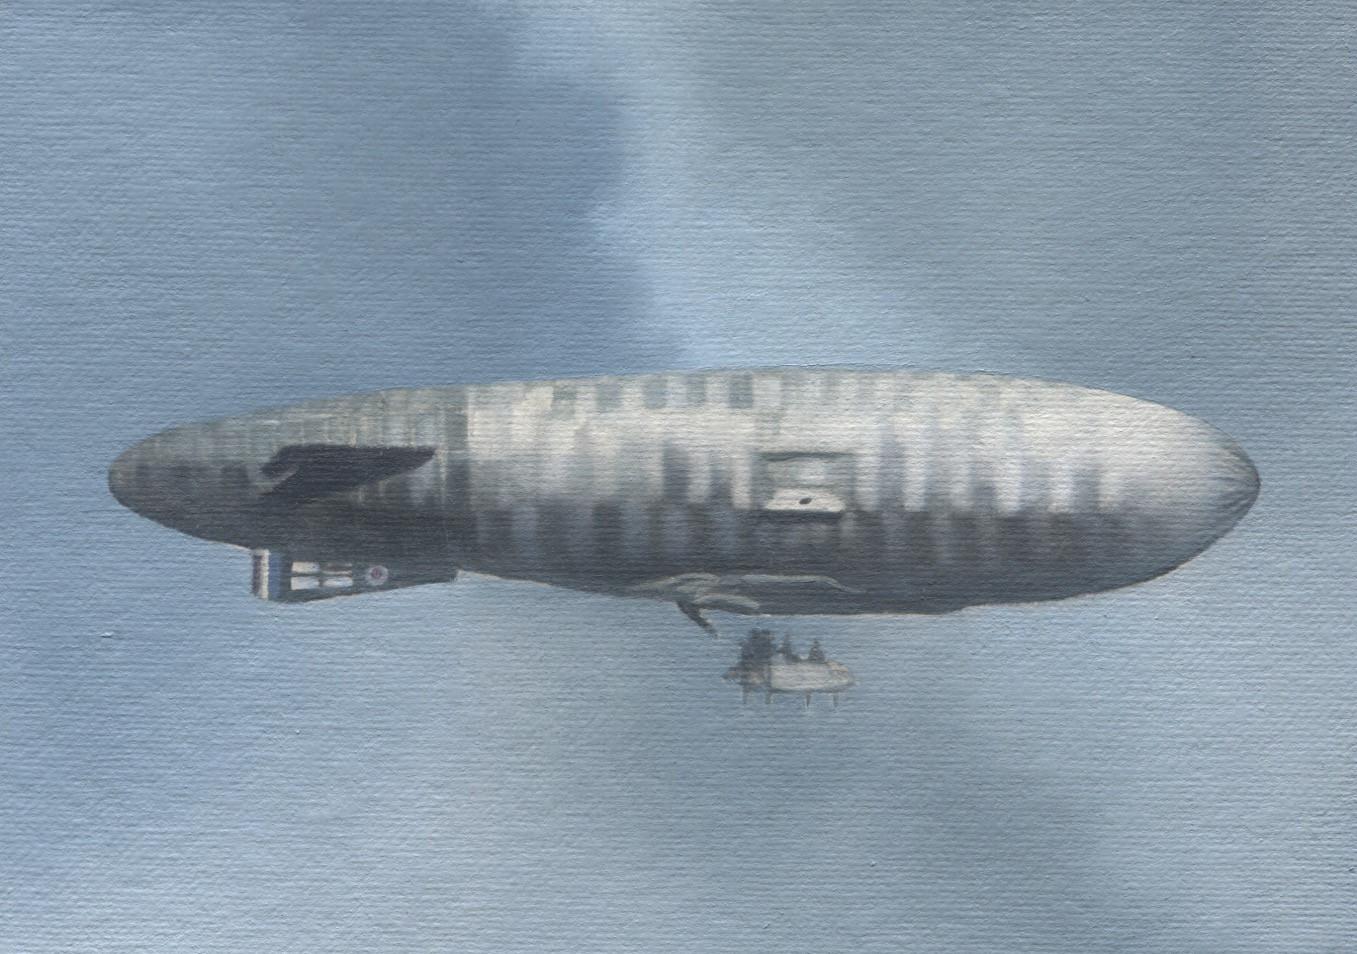 Airship 4